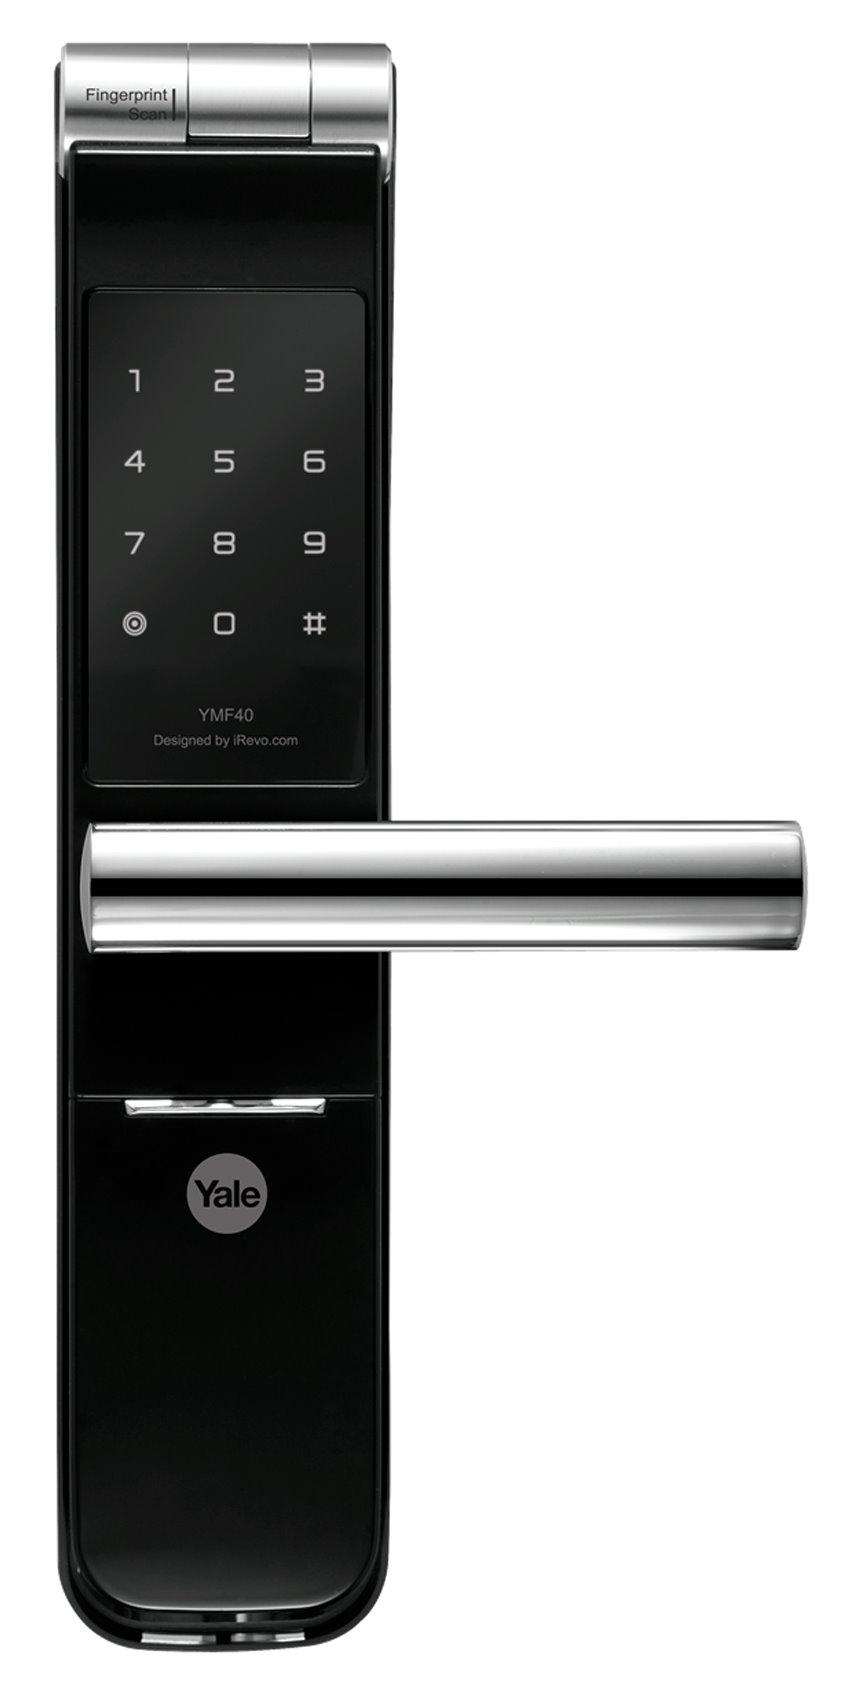 YMF 40